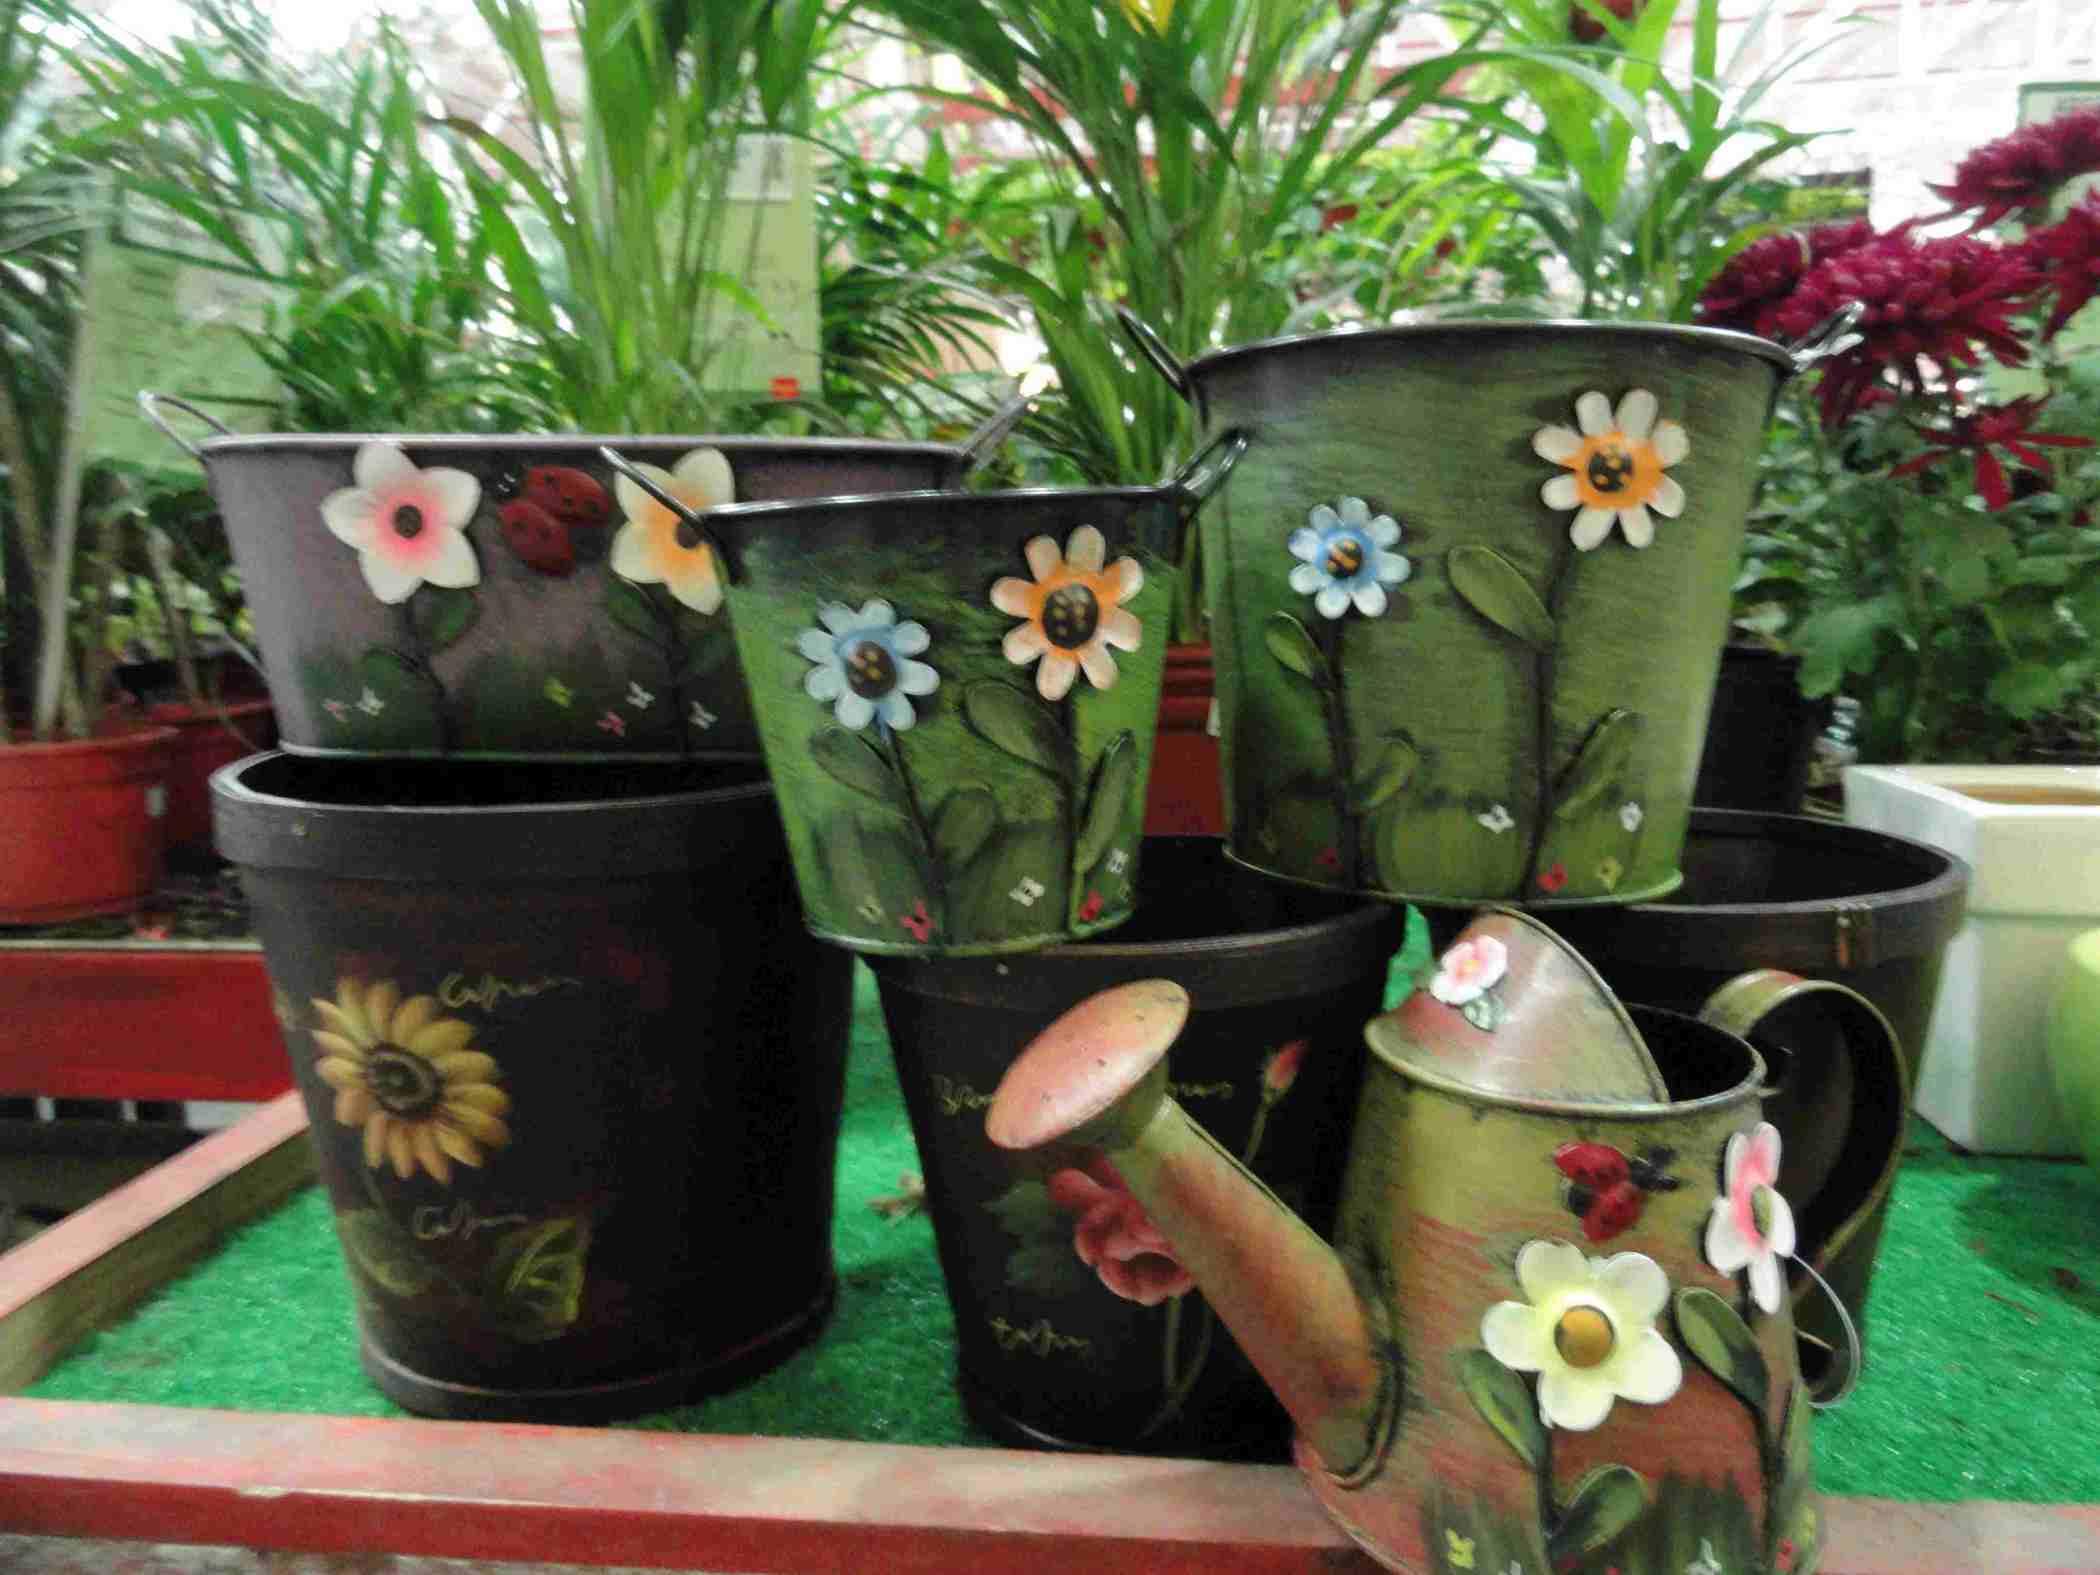 Macetas artesanales de lata el jardin en casa - El jardin en casa ...